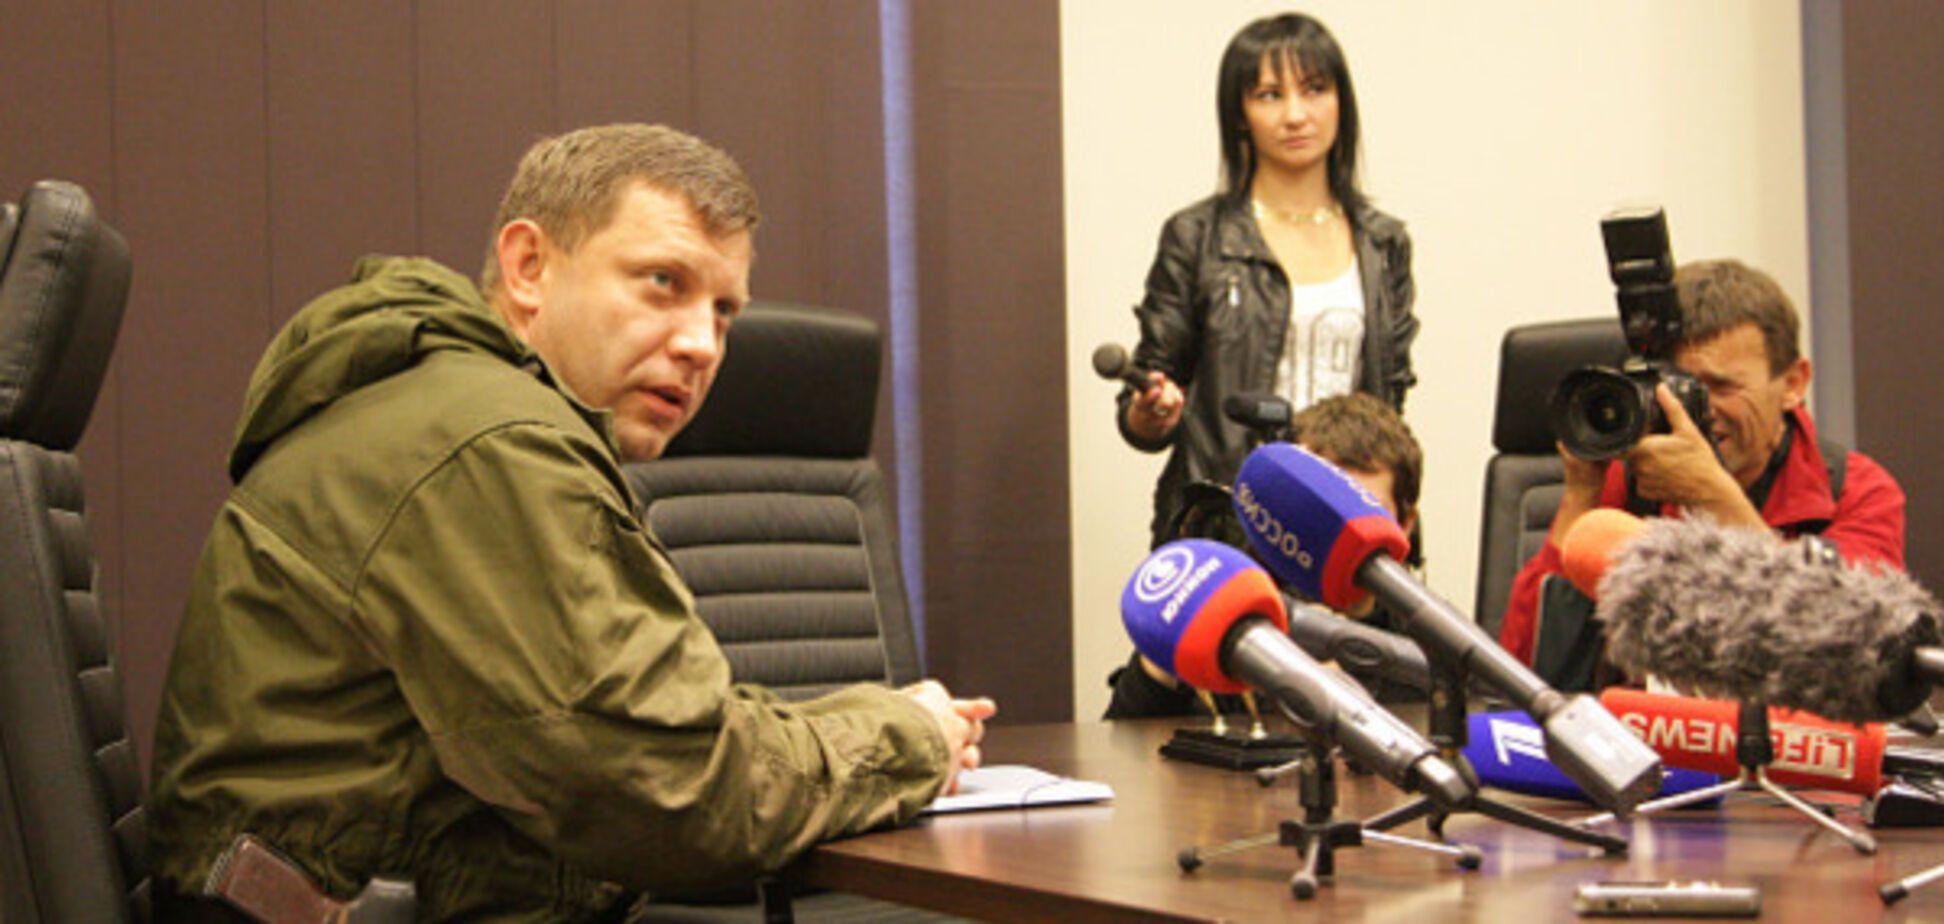 25 лет во главе 'ДНР': Захарченко жестко оконфузился